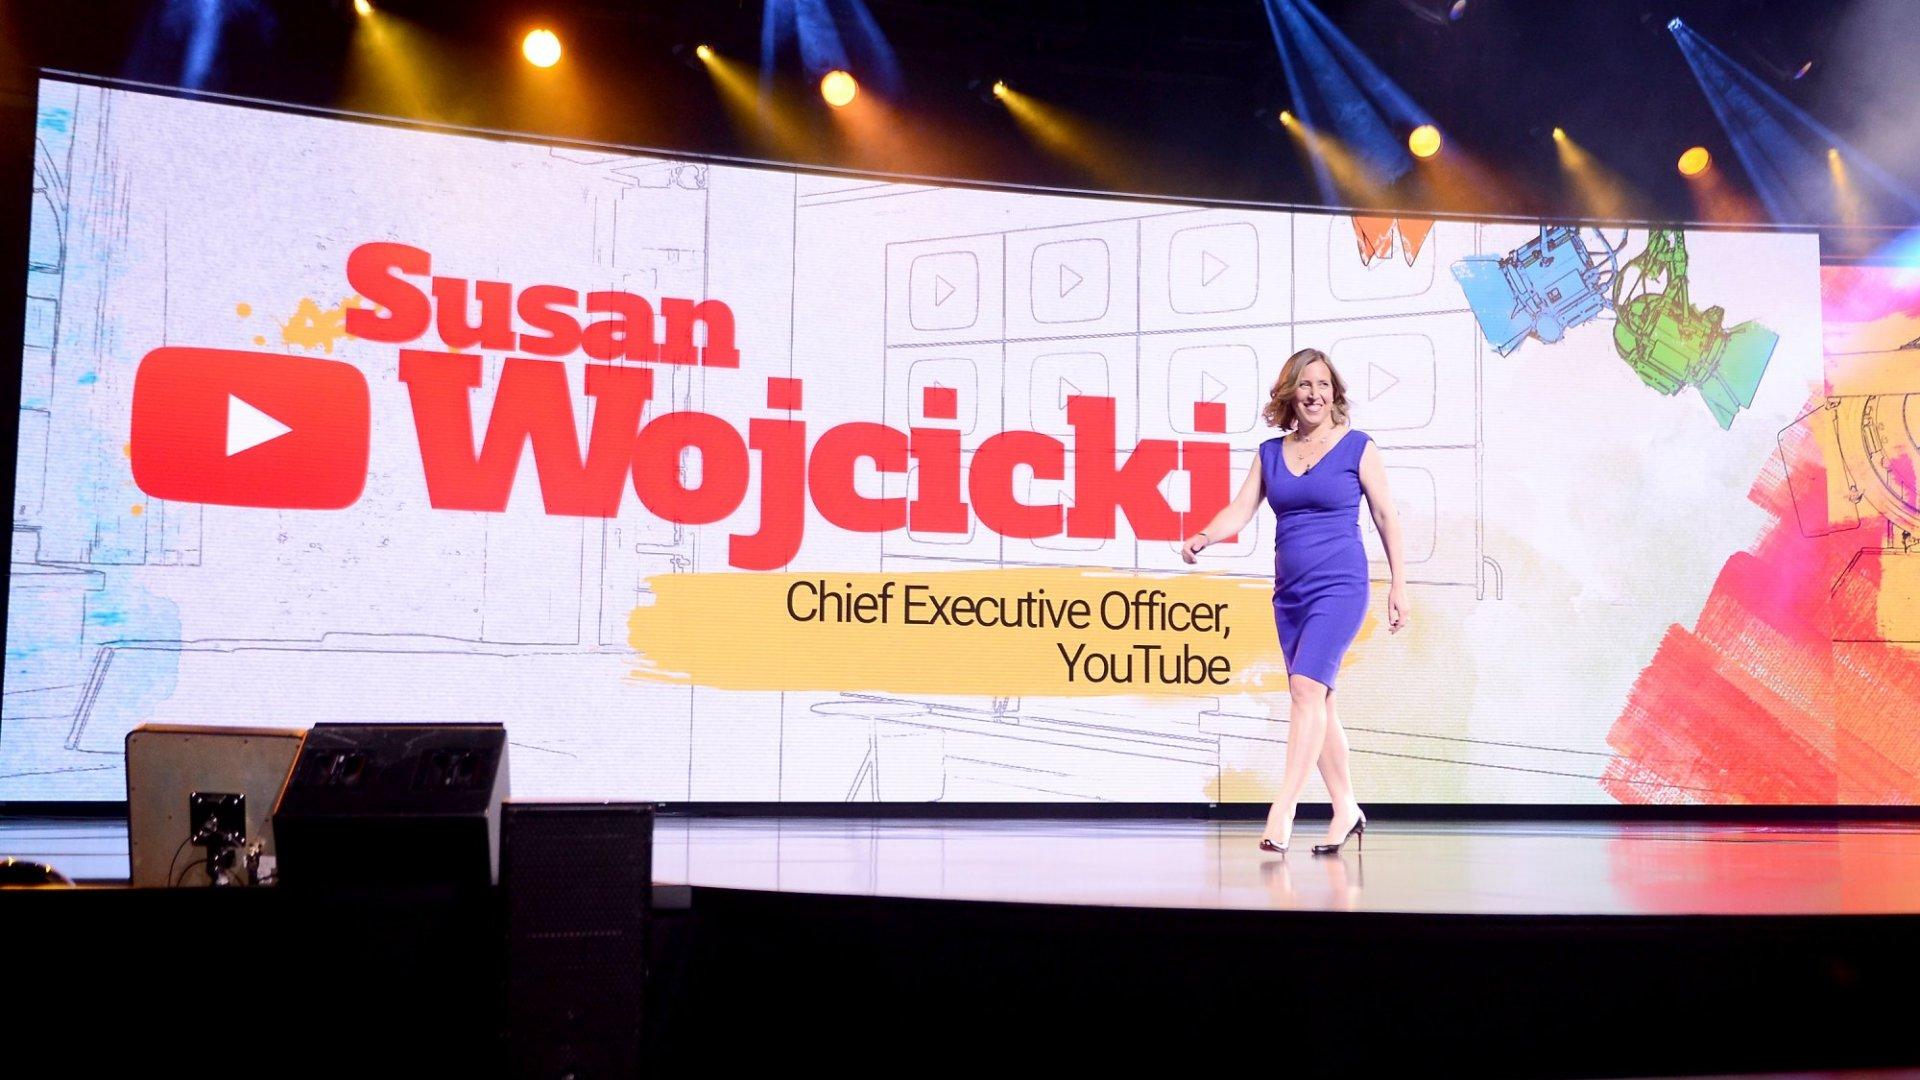 YouTube CEO Susan Wojcicki: That Notorious Google Memo 'Really Upset Me'